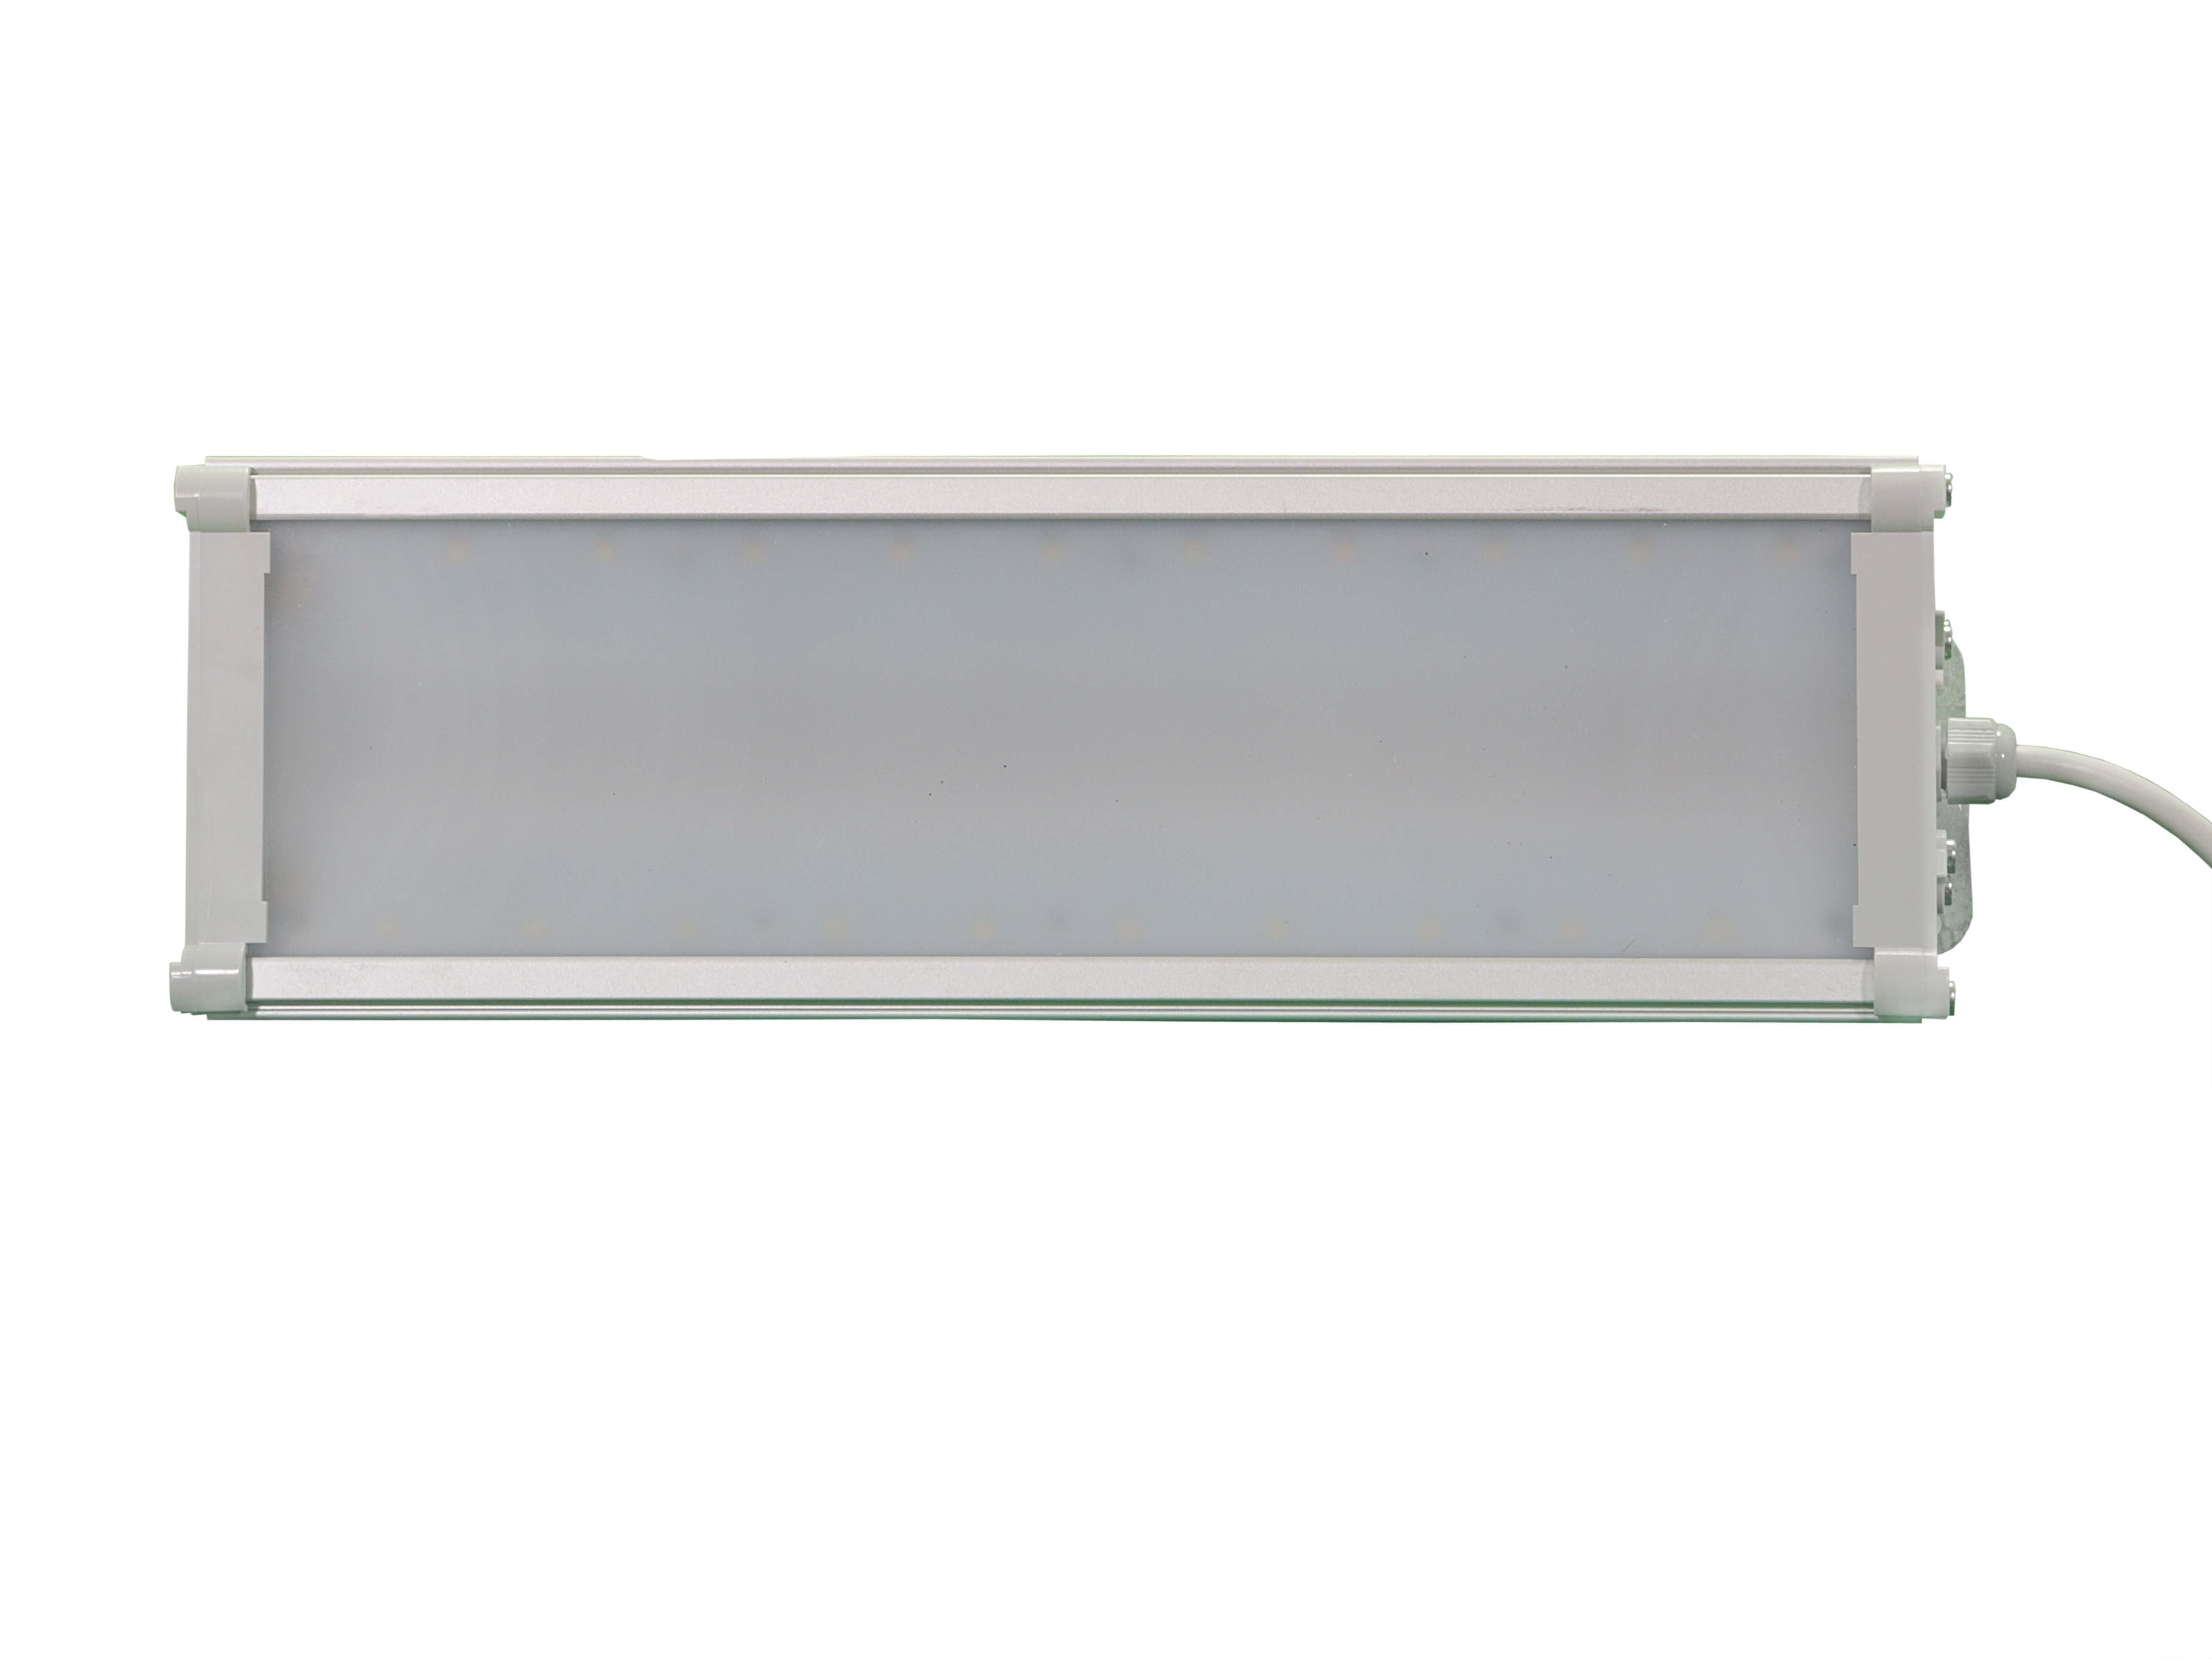 Промышленный светодиодный светильник Лайн-60 60Вт 7260Лм